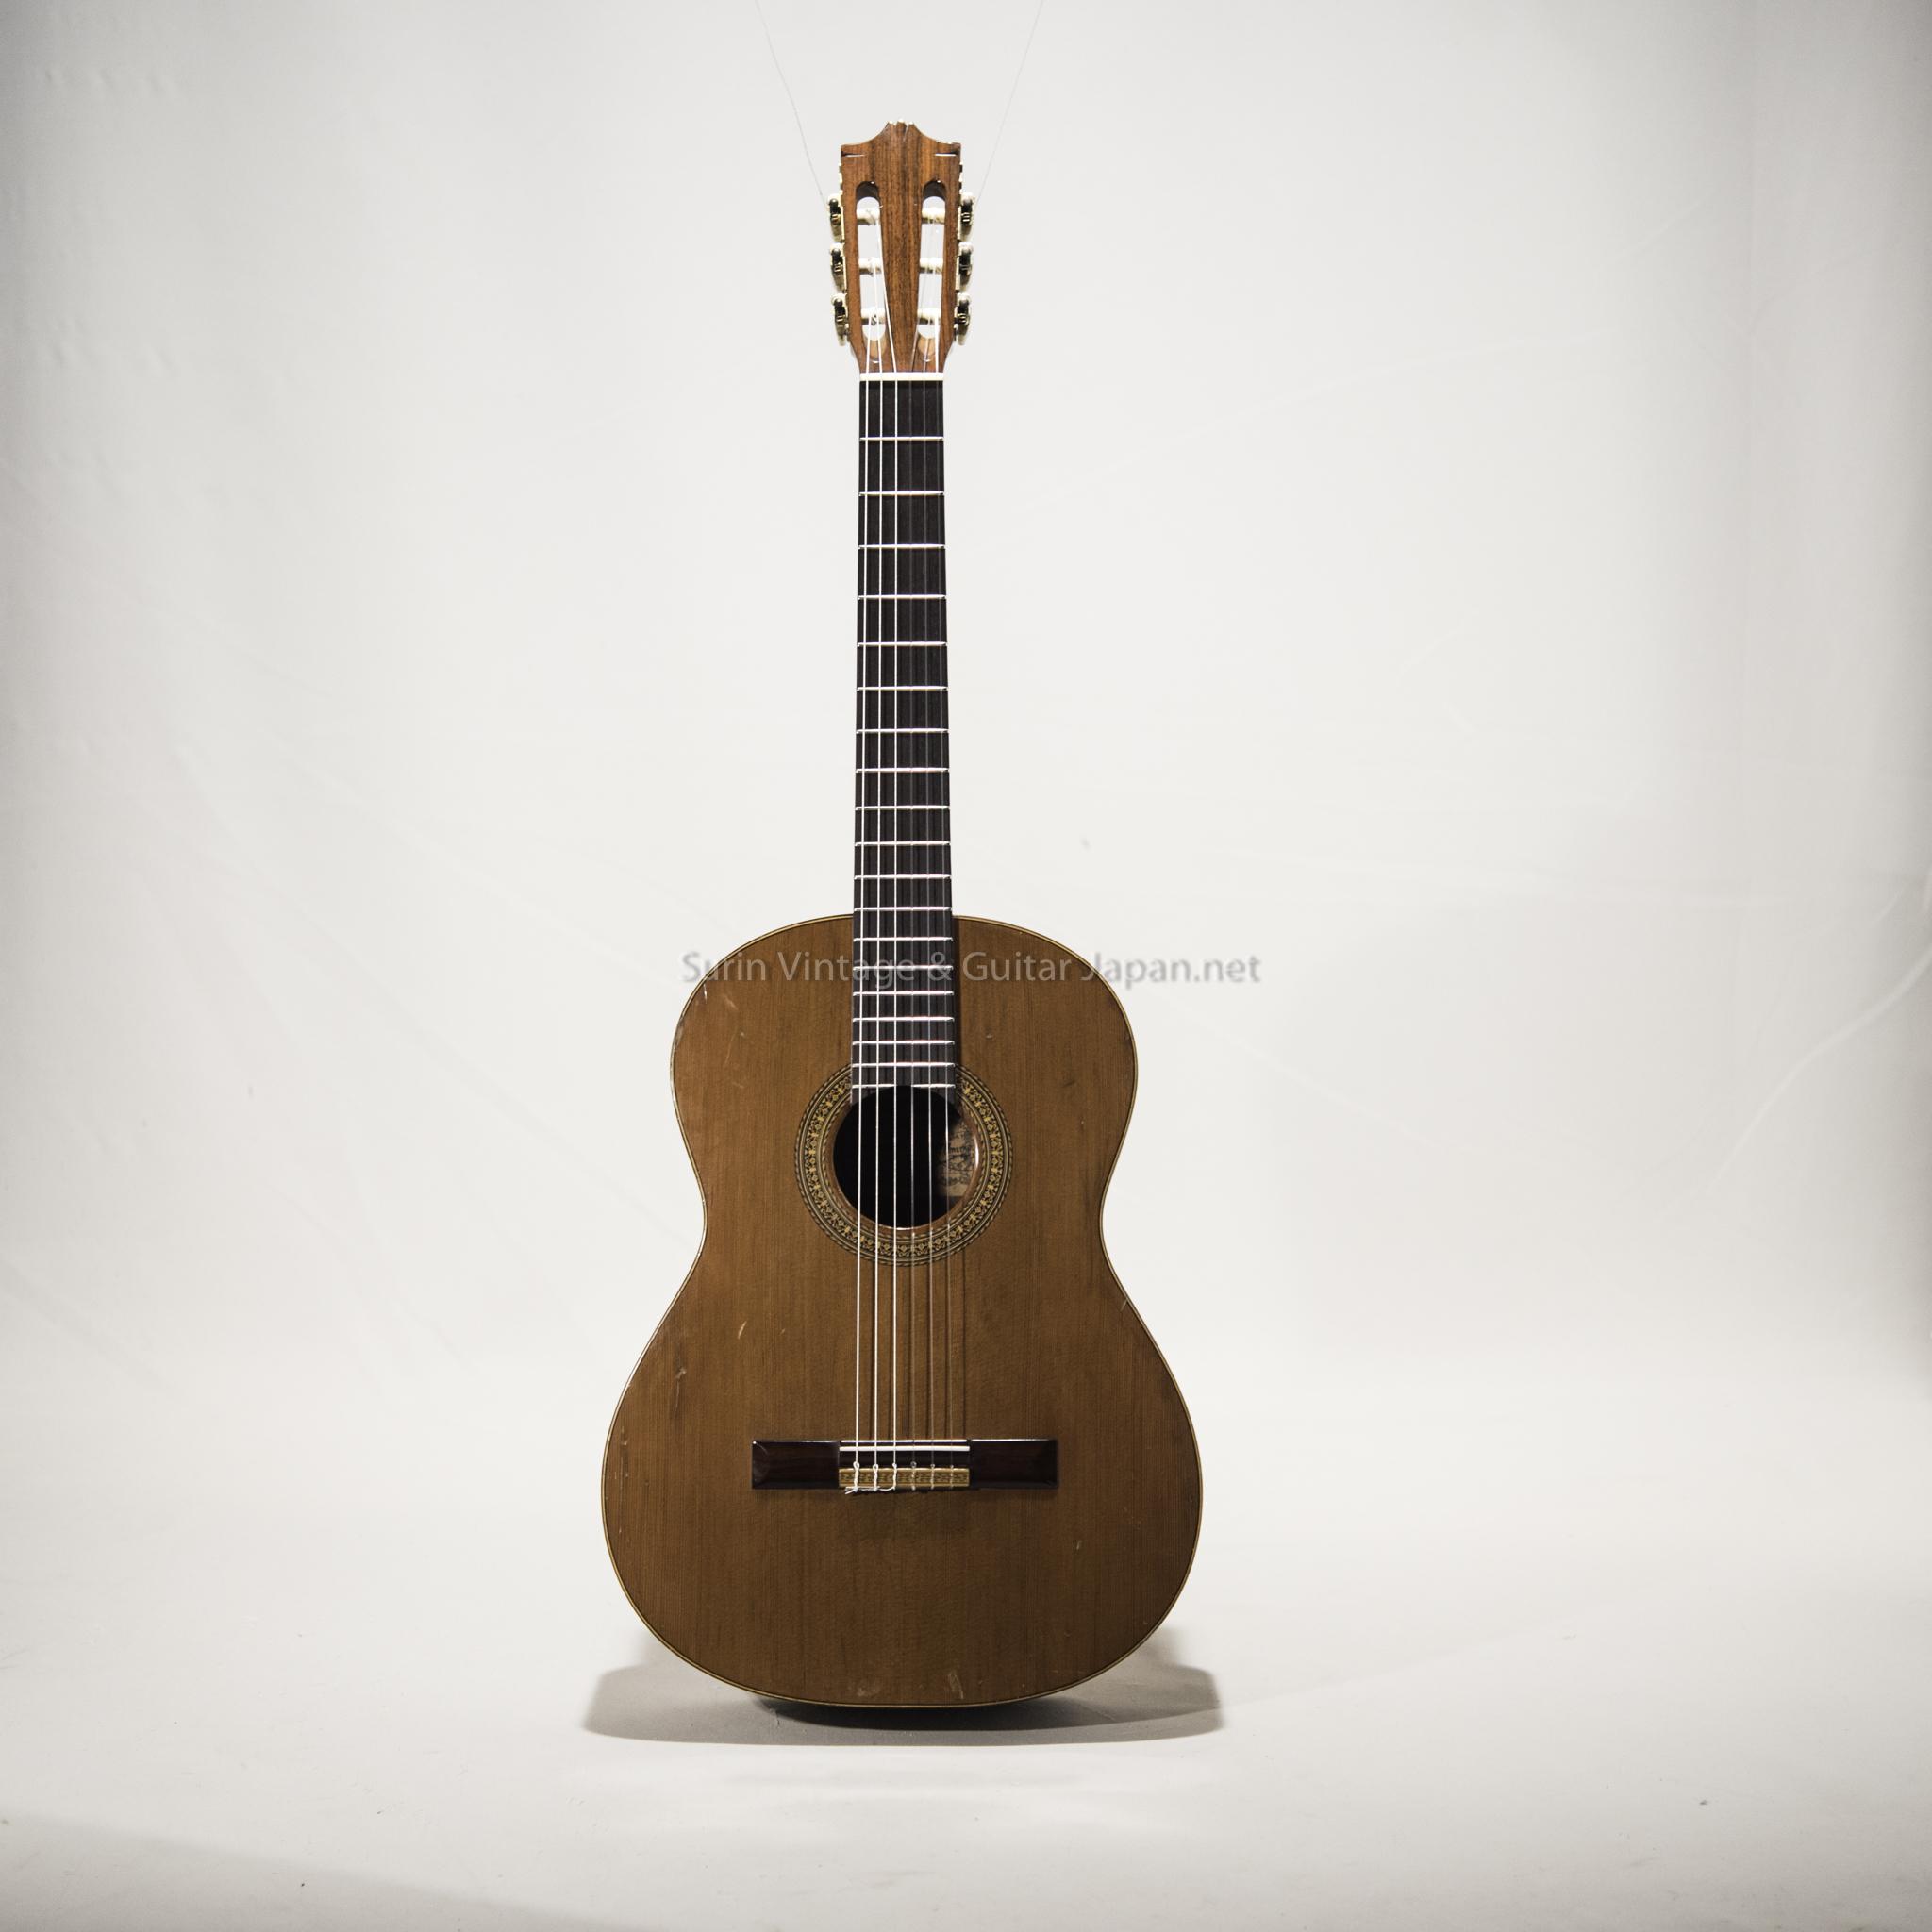 กีต้าร์คลาสสิคมือสอง Hiroshi Tamura Guitarra Tamura P-45